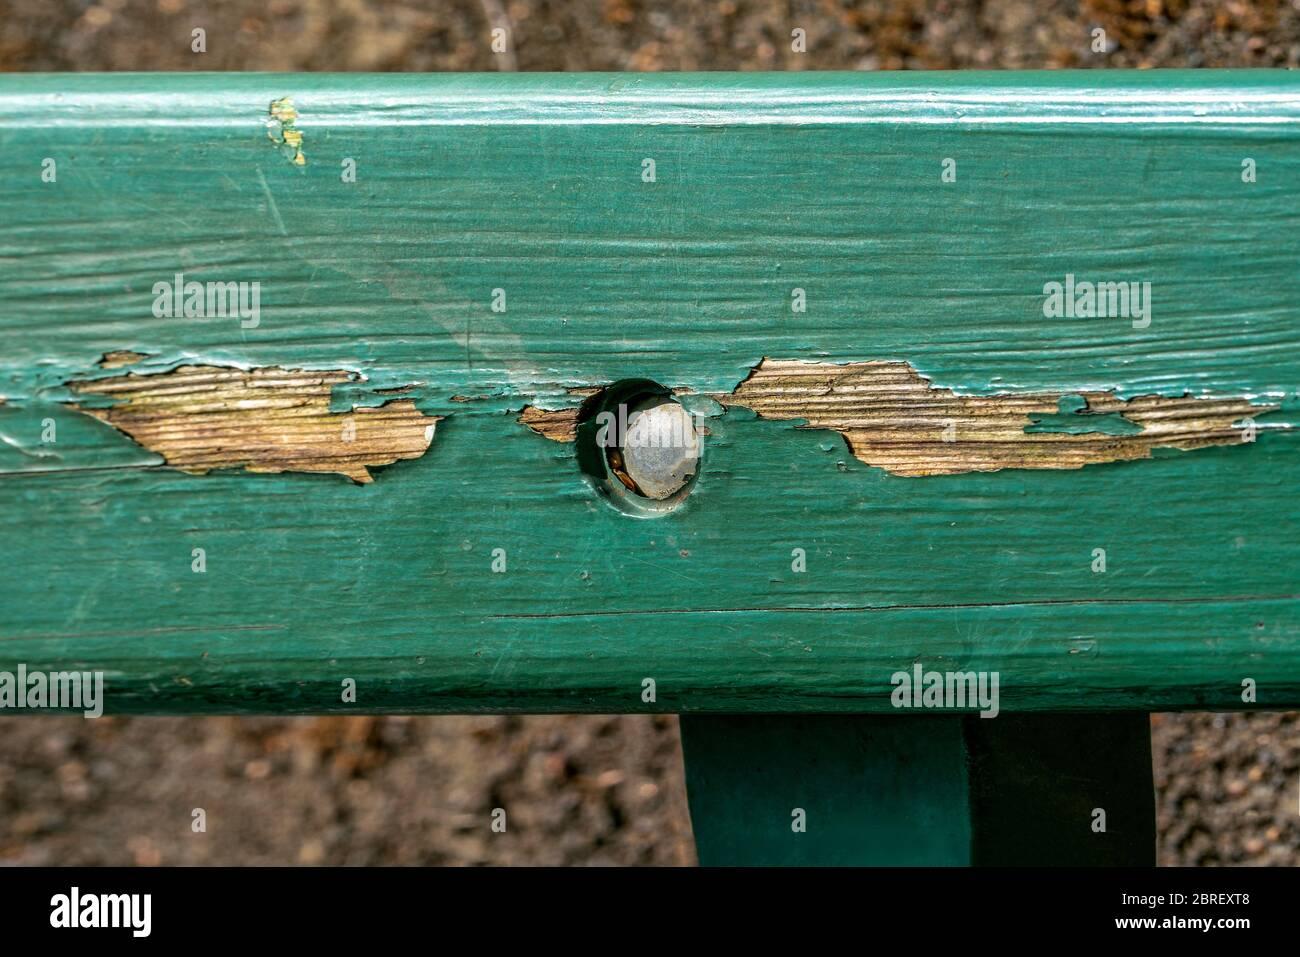 Una tabla de madera desgastada de un banco de parque pintado con barniz verde que muestra abrasión Foto de stock